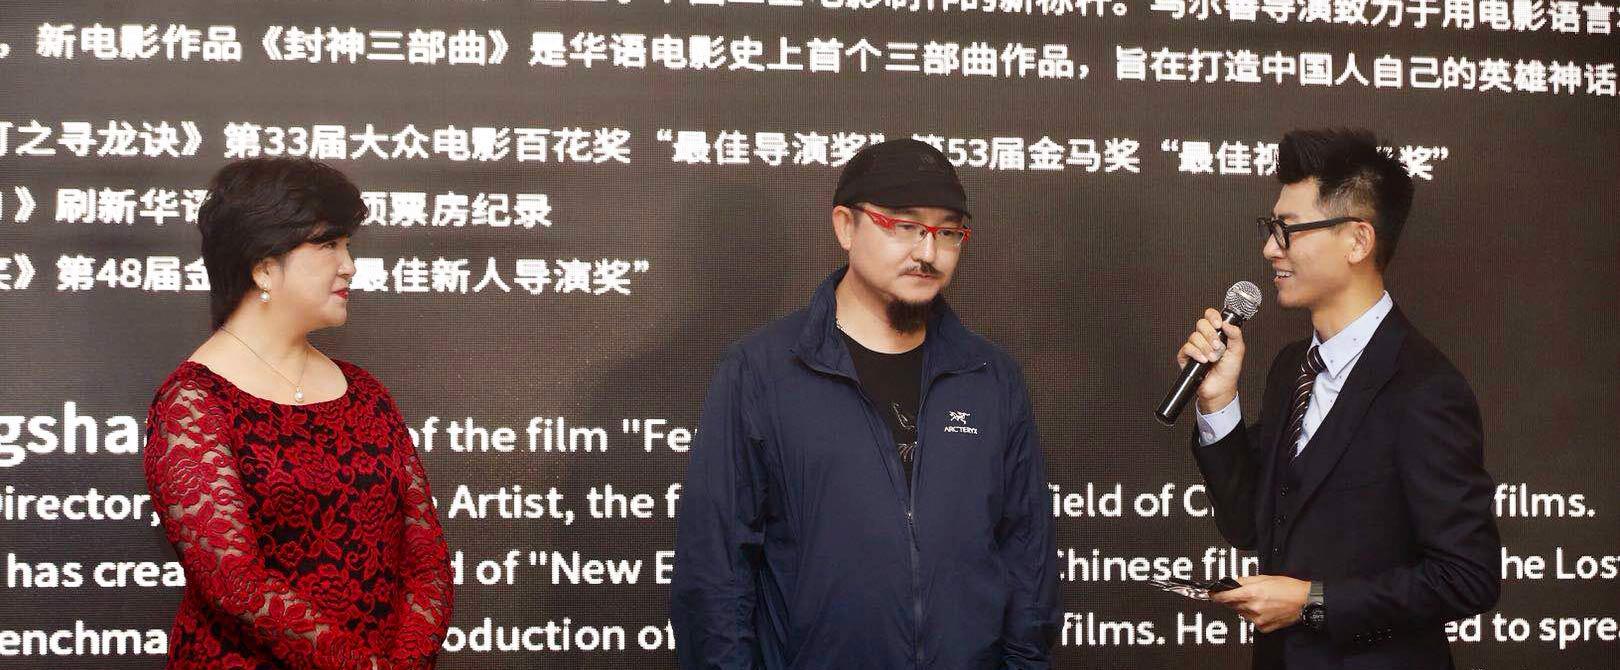 乌尔善《封神三部曲》30亿投资造中国大片